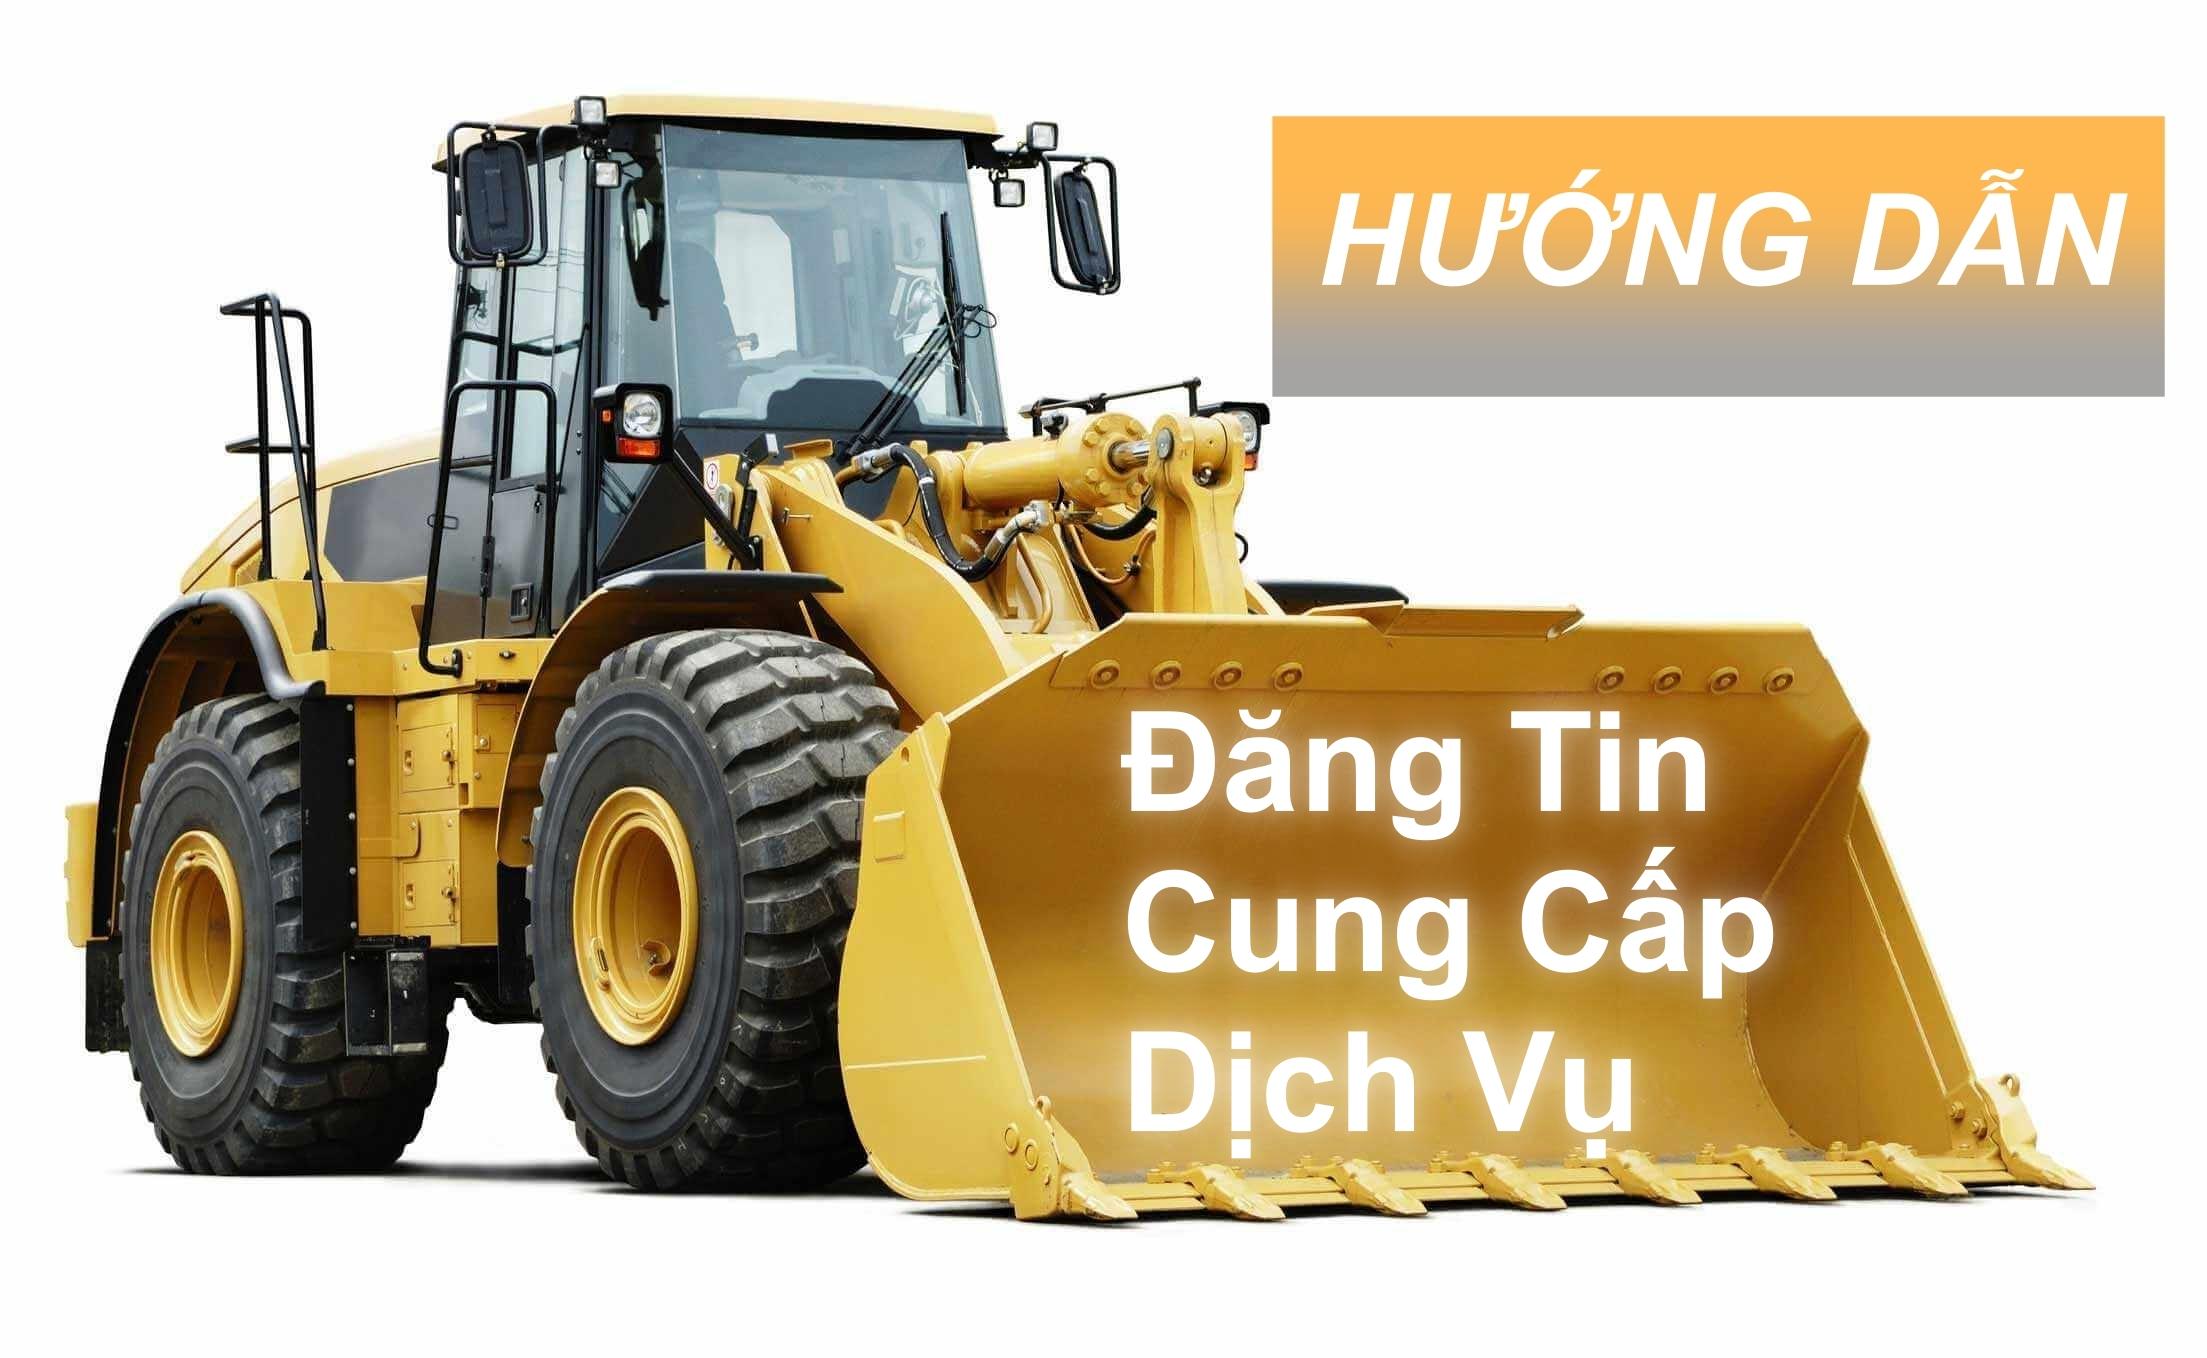 Hướng Dẫn Đăng Tin Cung Cấp Dịch Vụ Trên Website Hanoma.vn